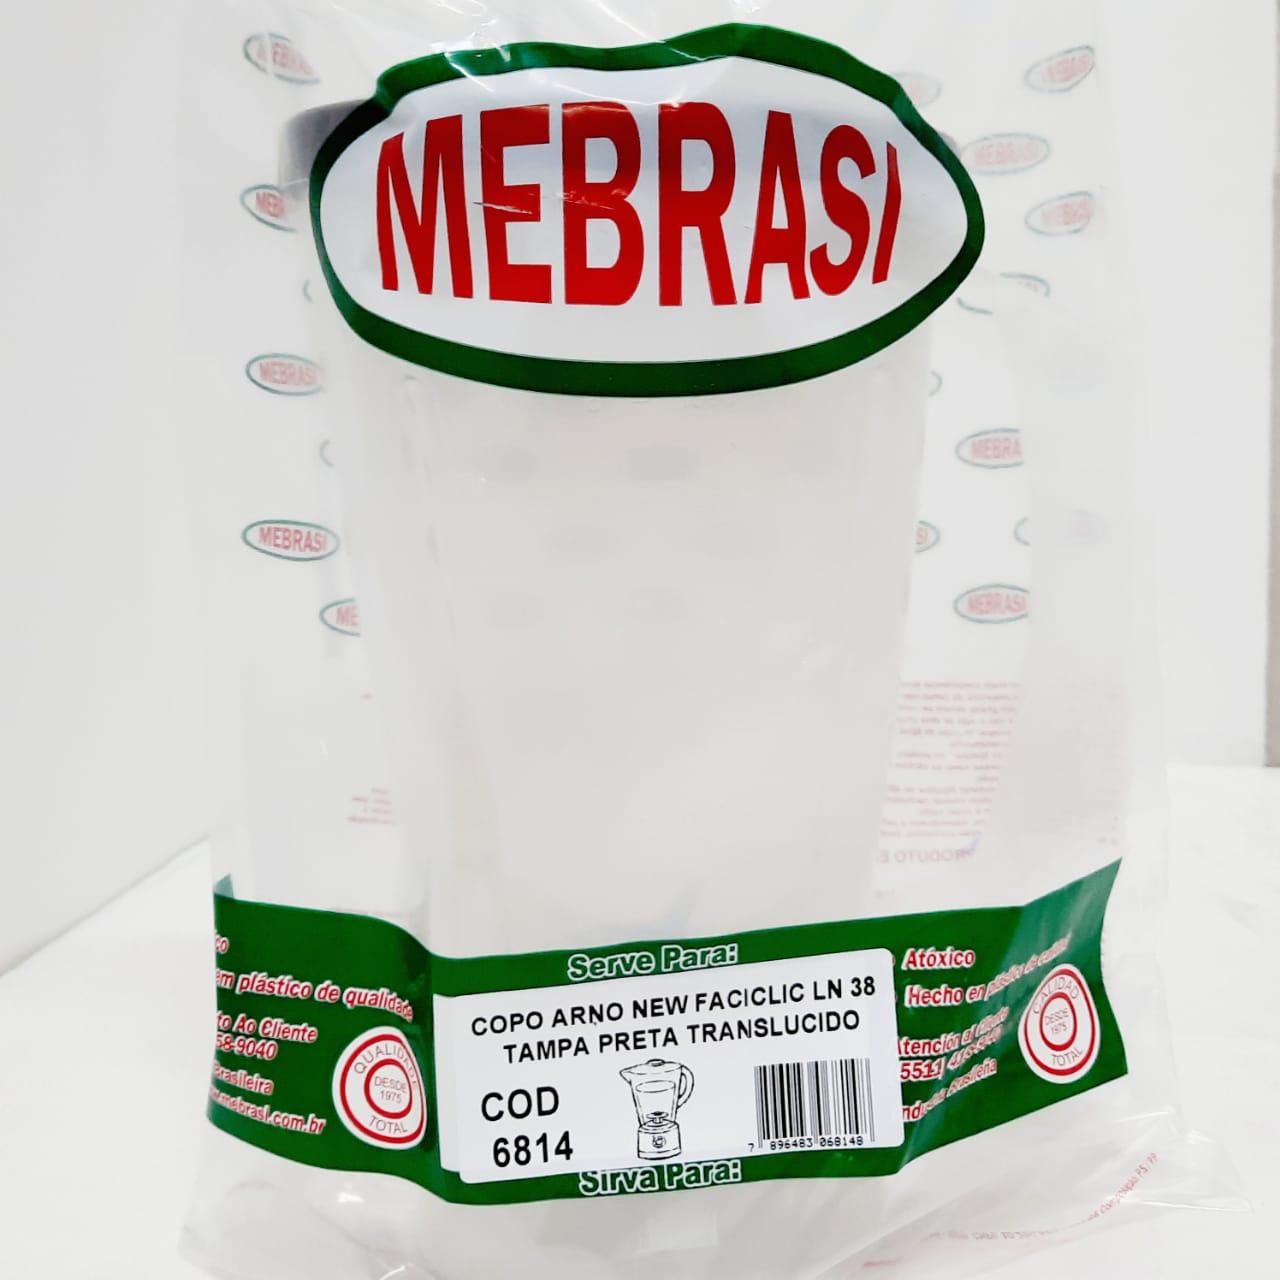 Copo Arno Translúcido NEW FACIC LN38 - Mebrasi